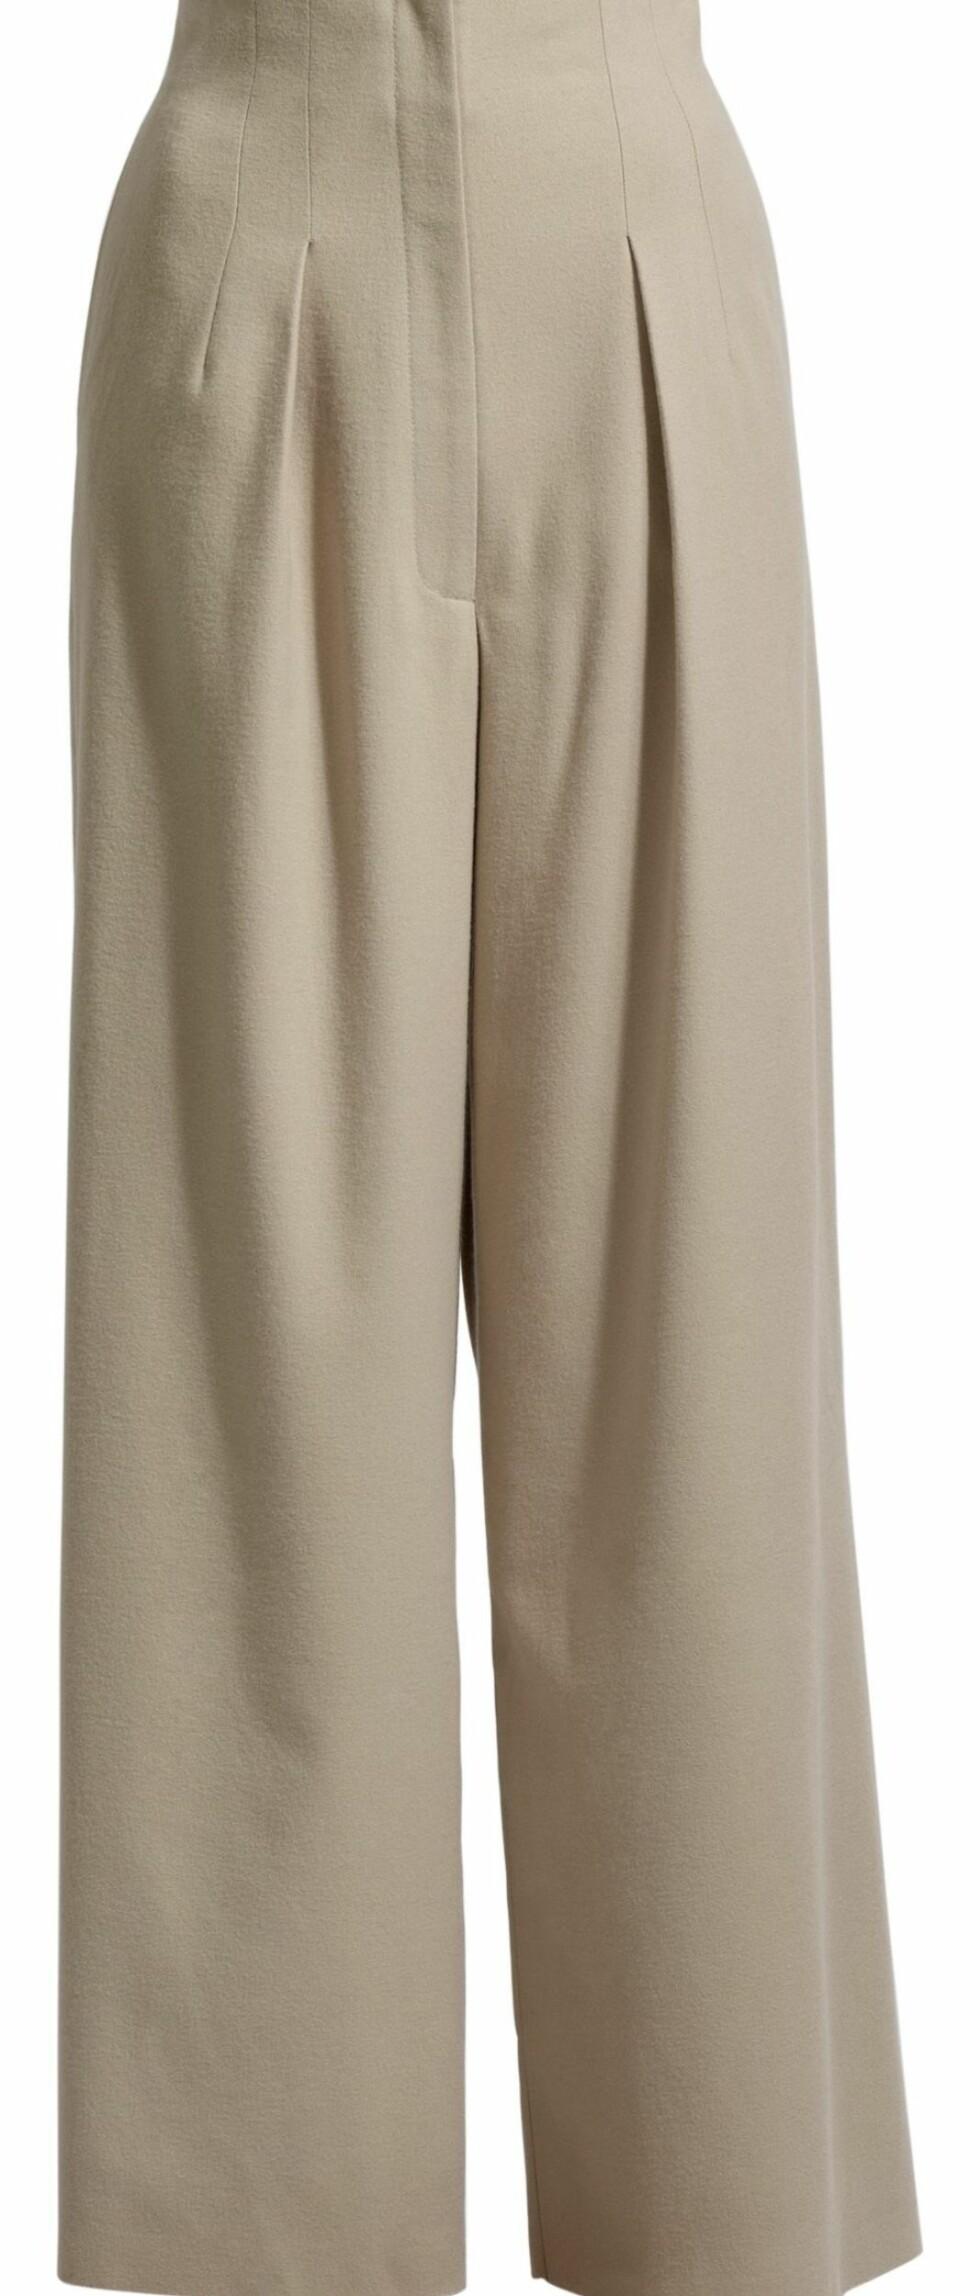 Vid bukse med høyt liv, kr 499. Foto: Produsenten